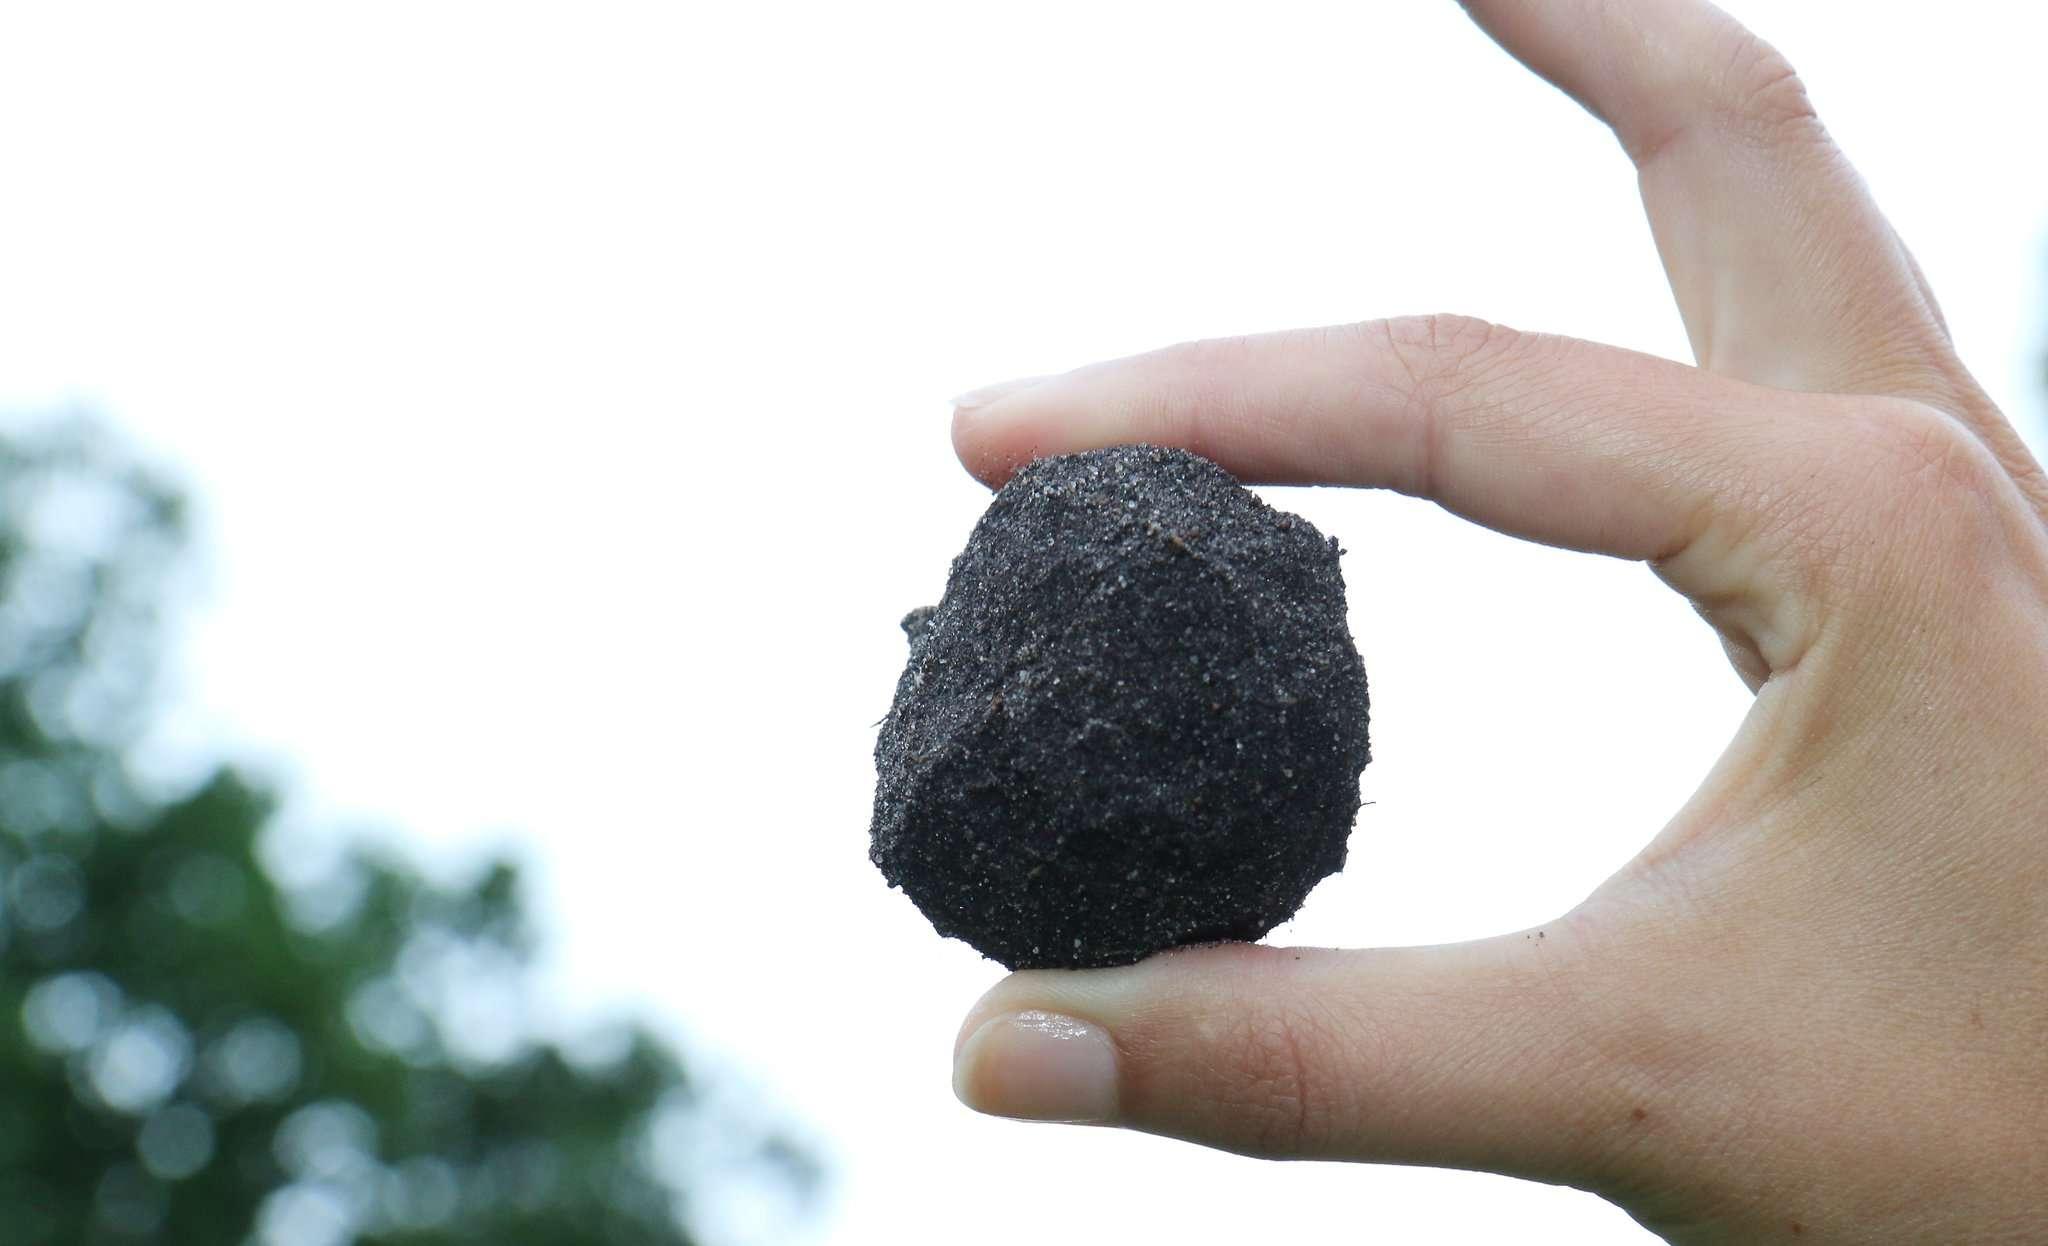 Welche gesundheitsschädlichen Stoffe verbergen sich im Boden? Untersuchte Pilze wiesen zumindest keine Auffälligkeiten auf. Archivfoto: Dennis Bartz